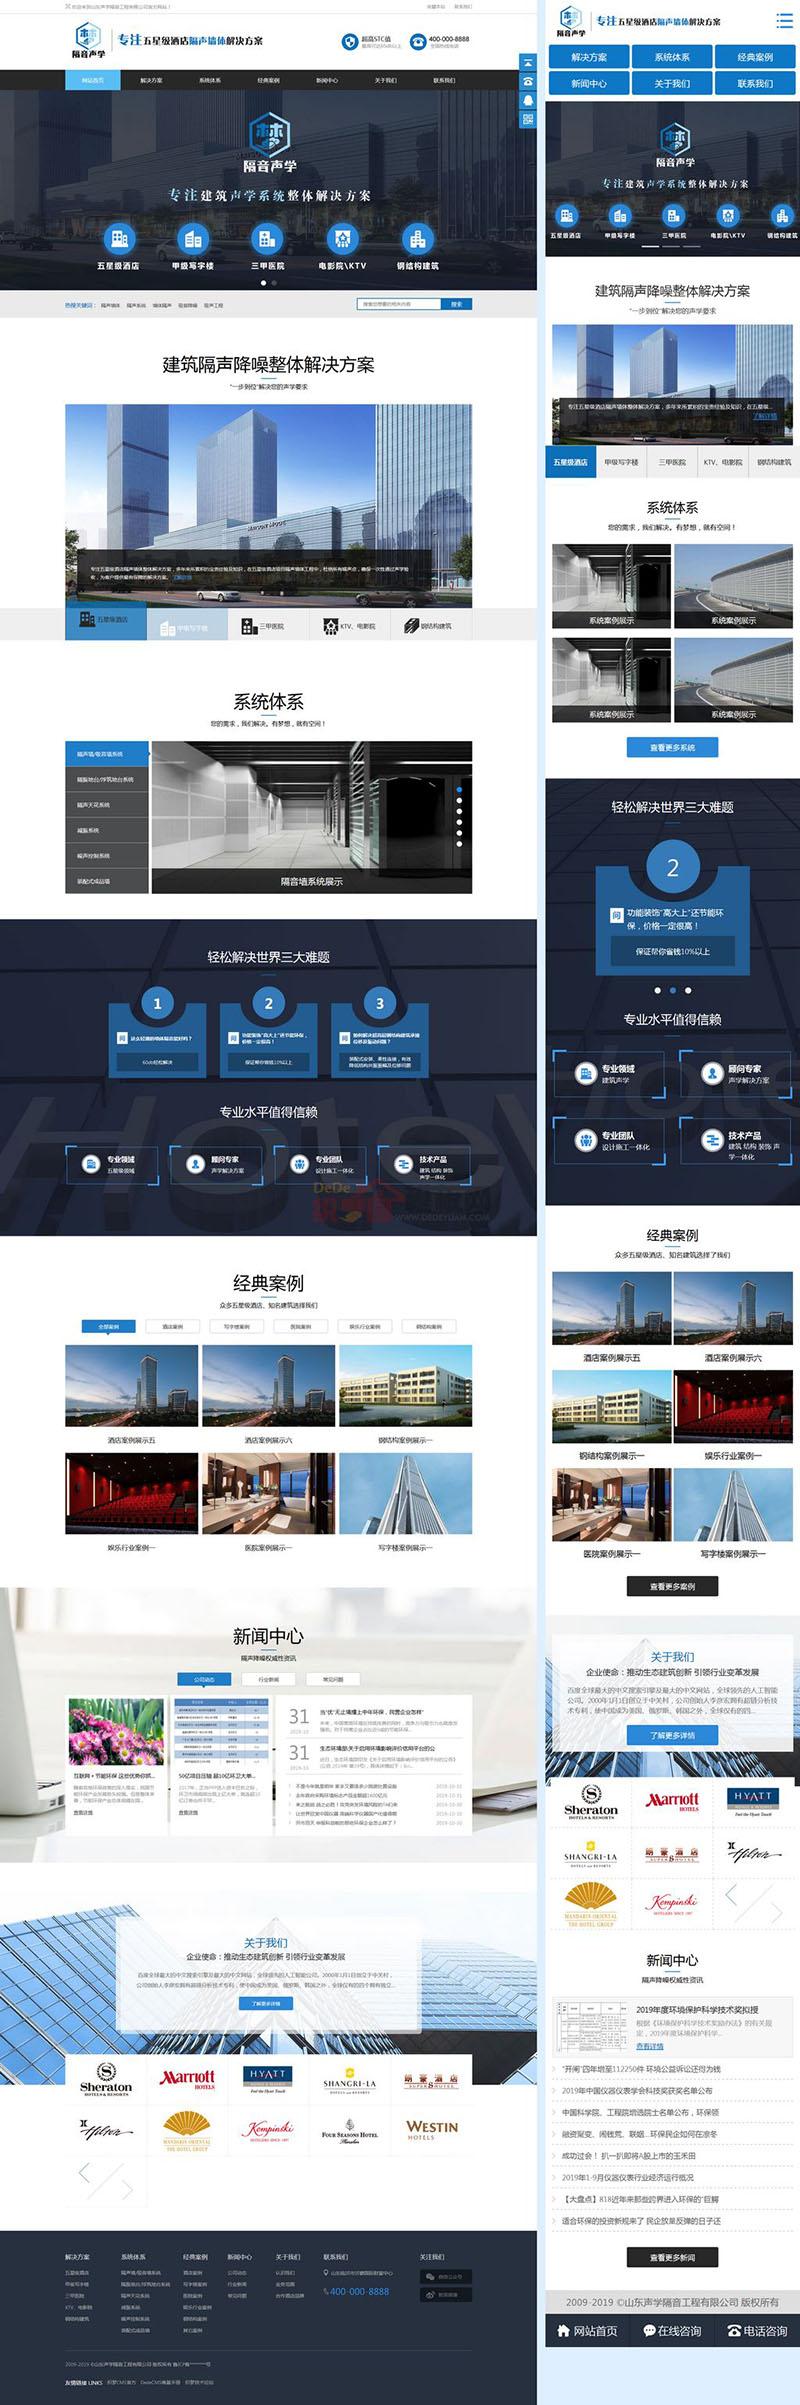 织梦dedecms模板蓝色大气隔声装饰工程公司类网站织梦模板源码PC+WAP移动端利于SEO优化